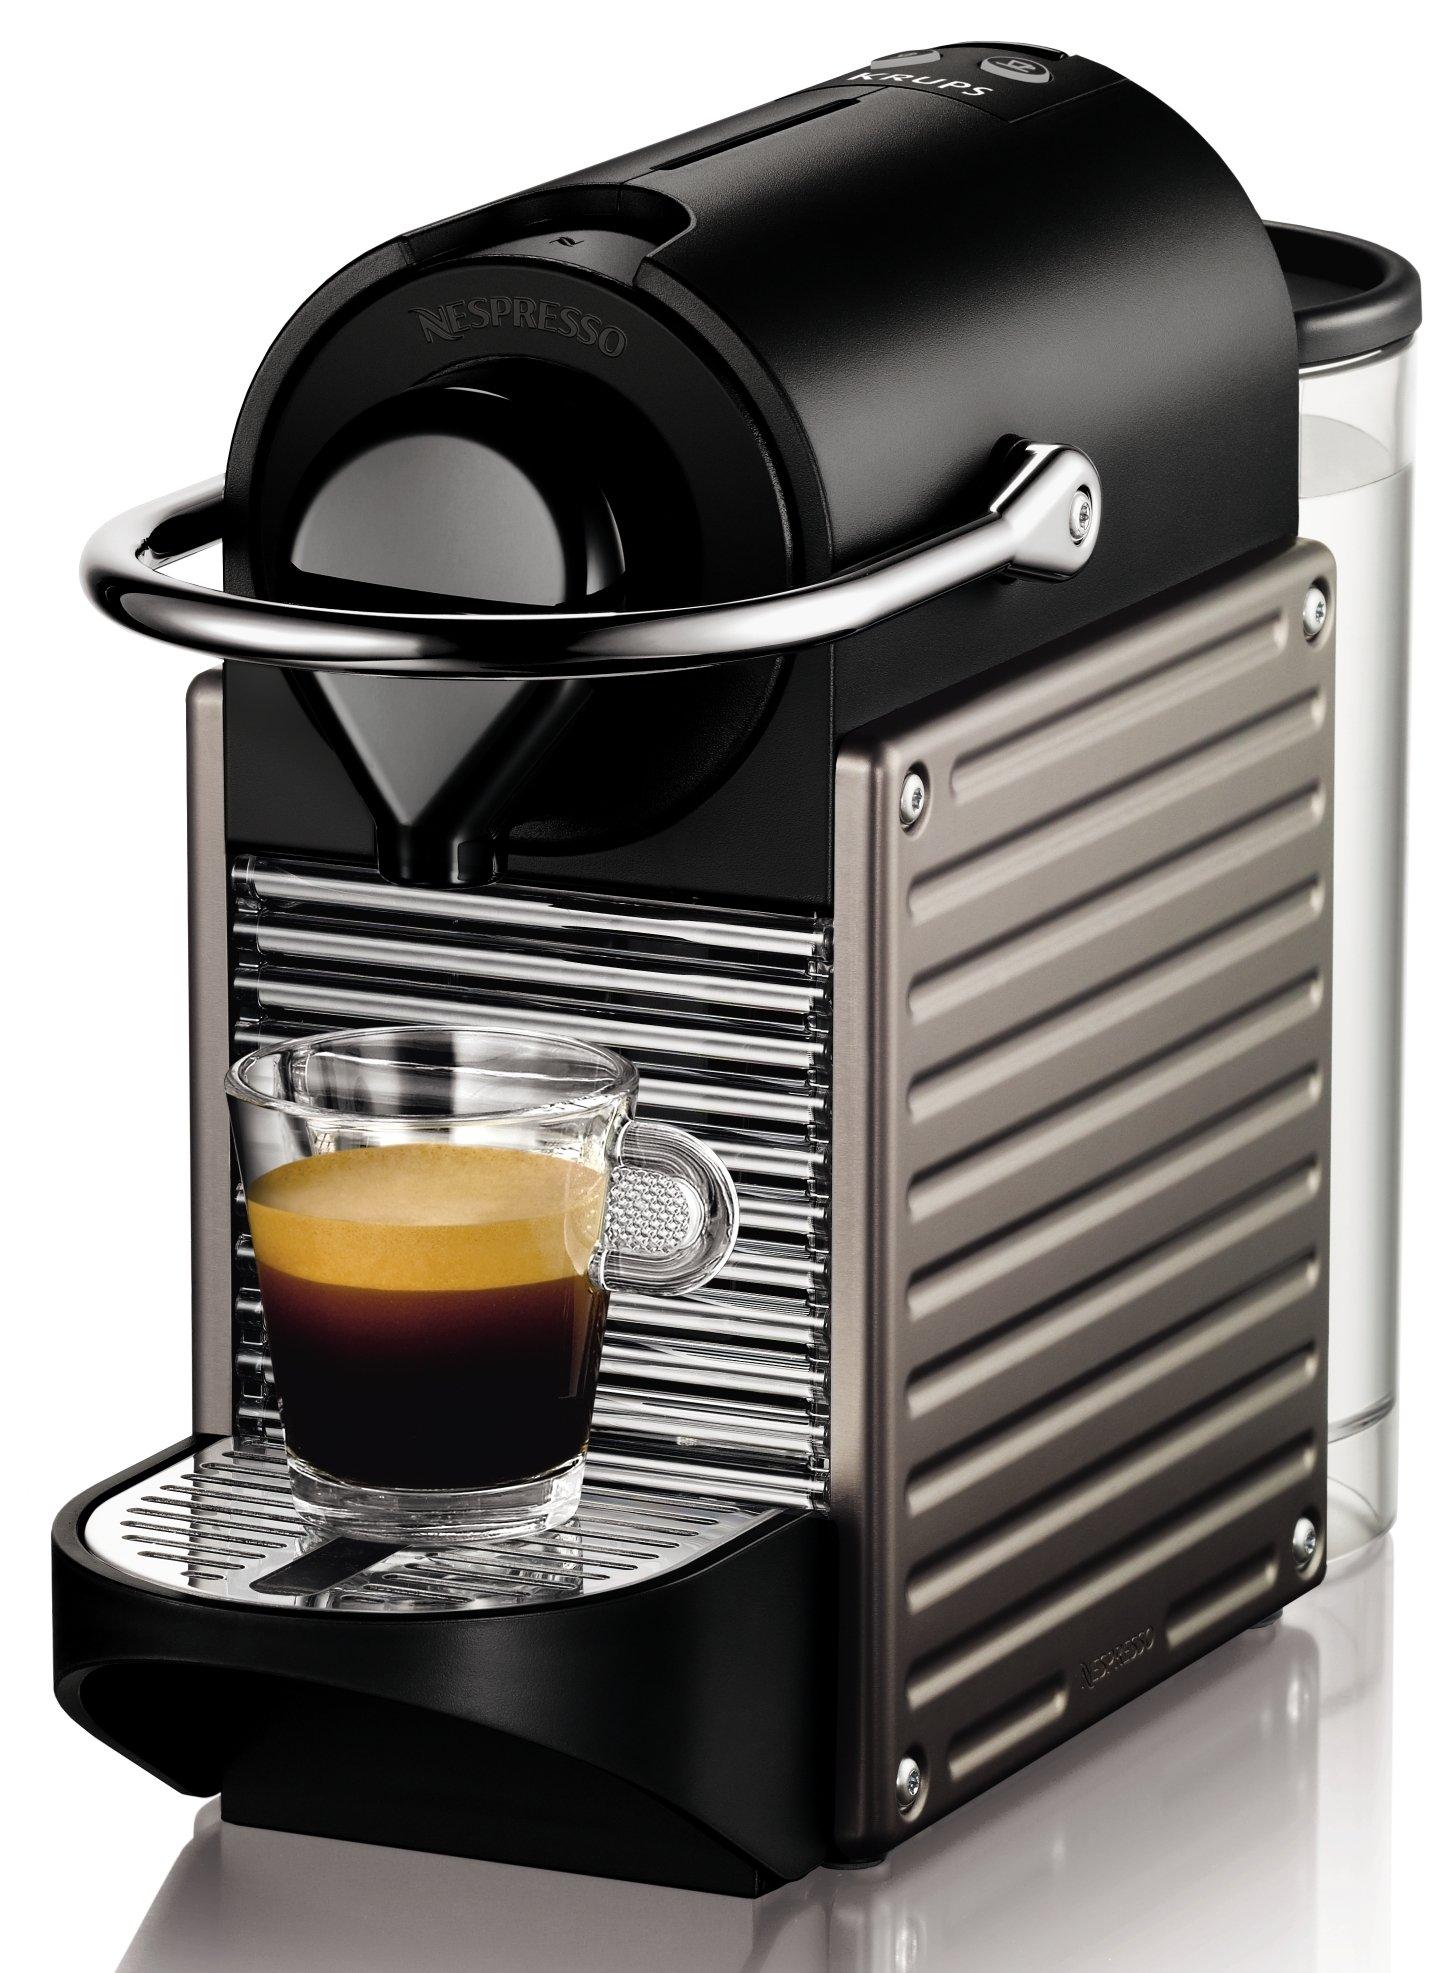 Nespresso Pixie XN3005 Cafetera de cápsulas de 19 bares con 2 programas de café, bandeja